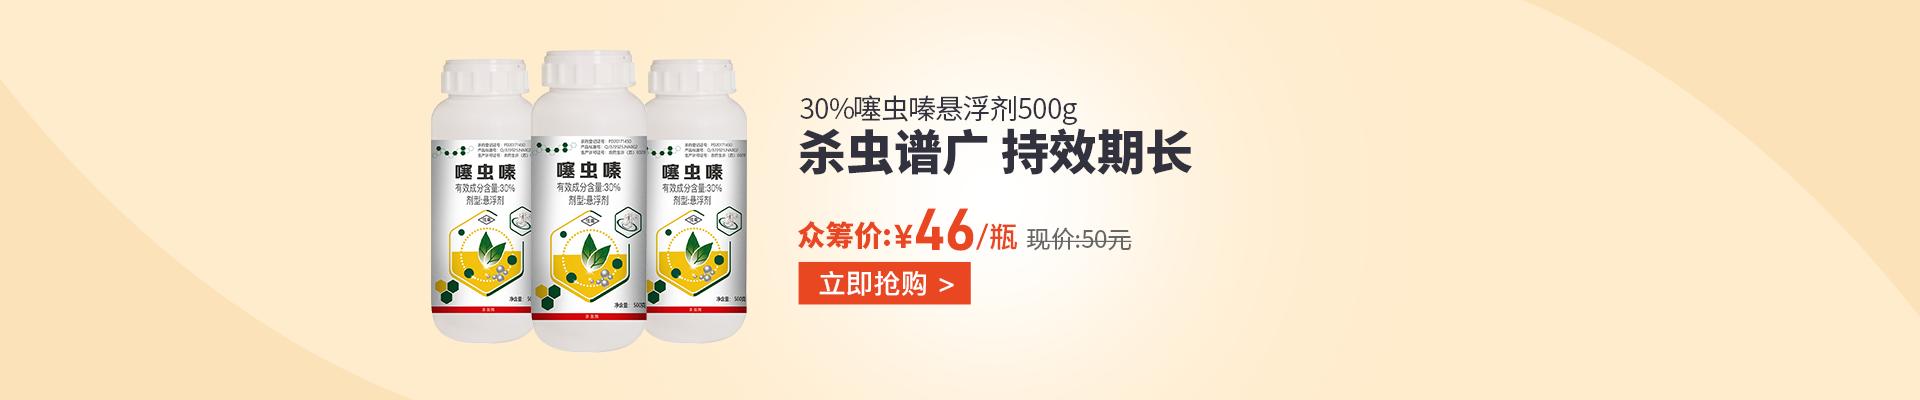 【7月】众筹-【丰创严选】30%噻虫嗪 悬浮剂 500g500g*5瓶